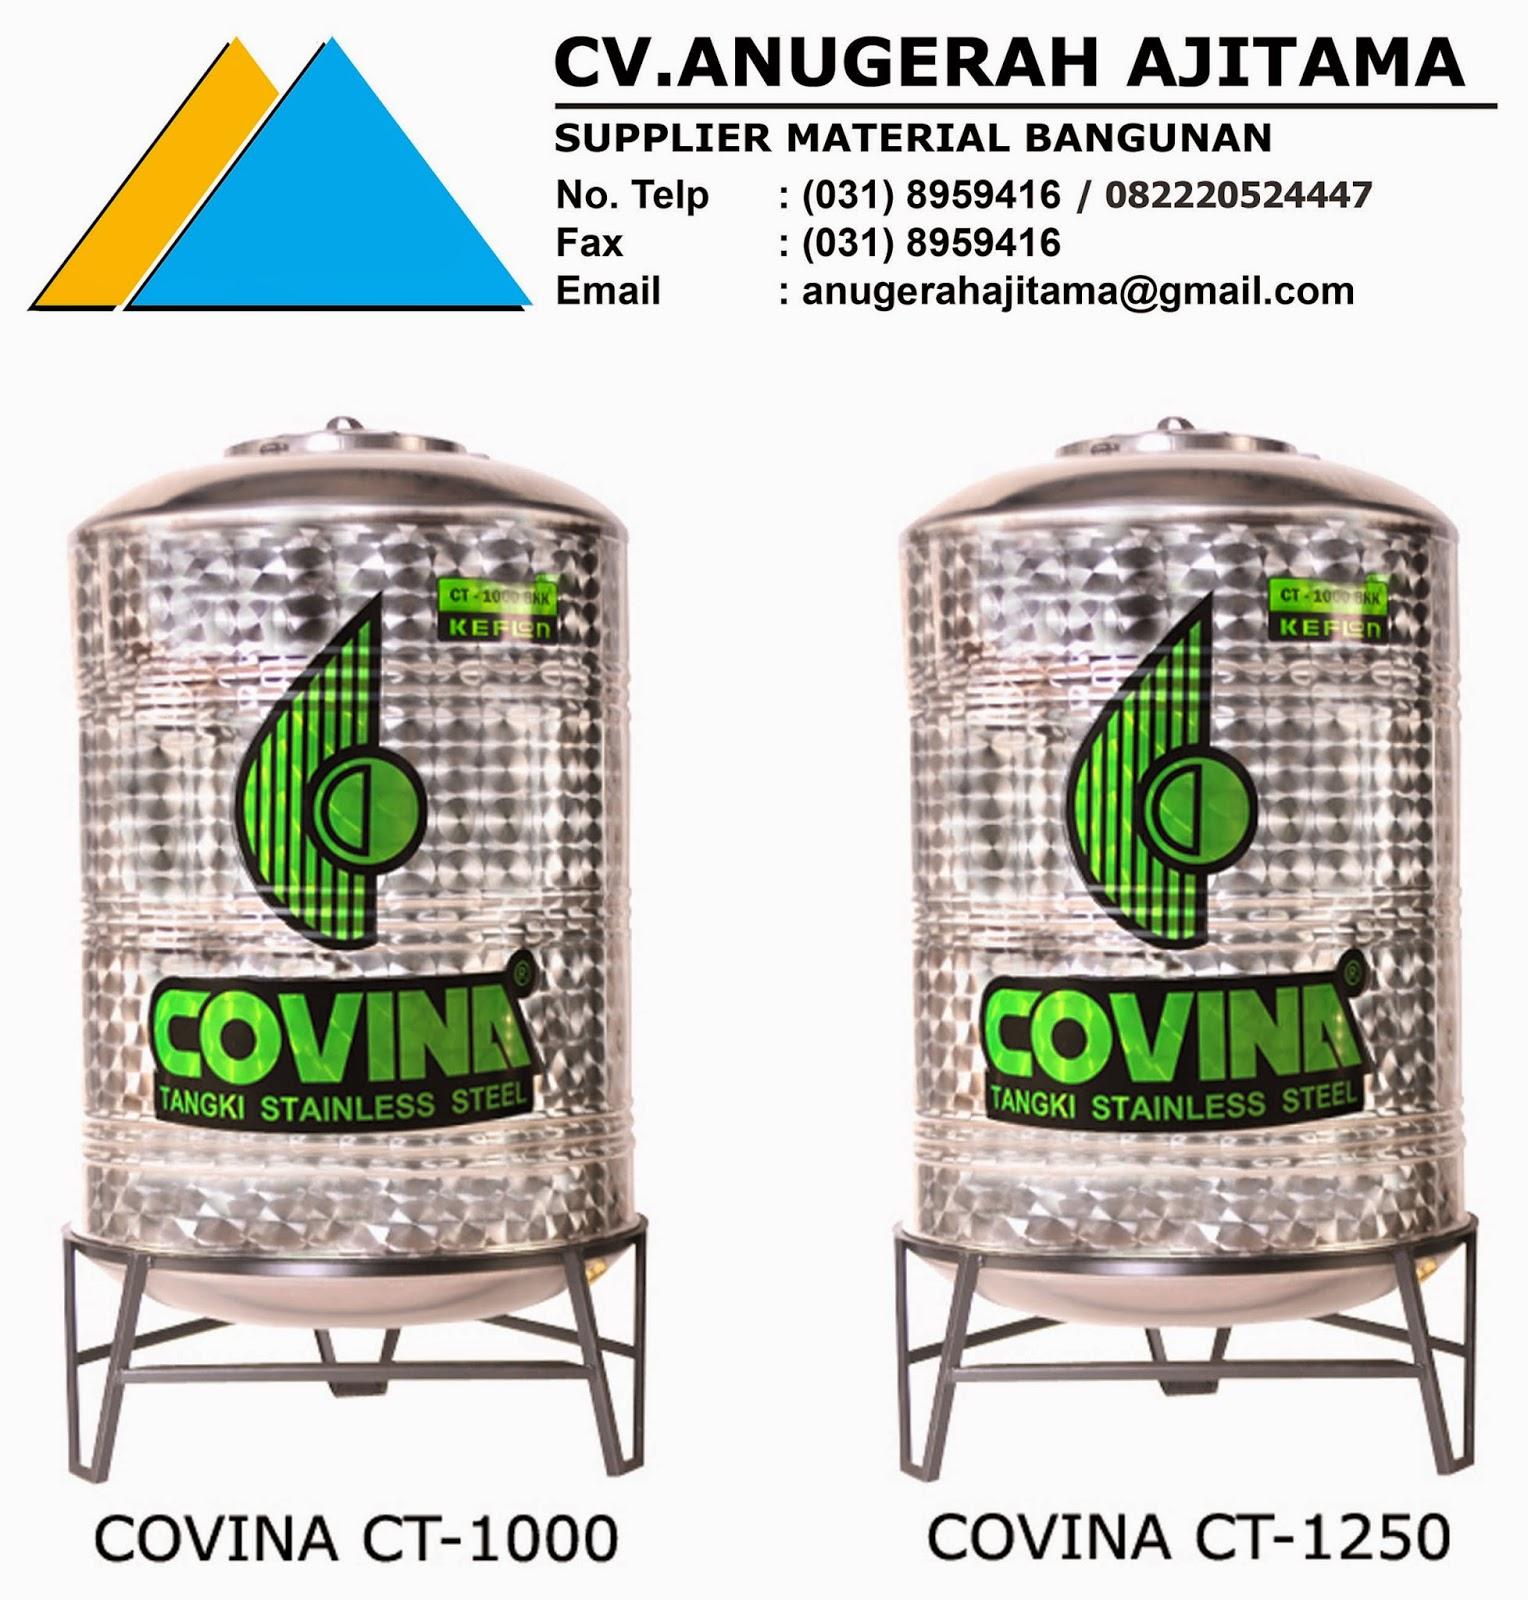 TANDON AIR COVINA CT-1000 DAN CT-1250